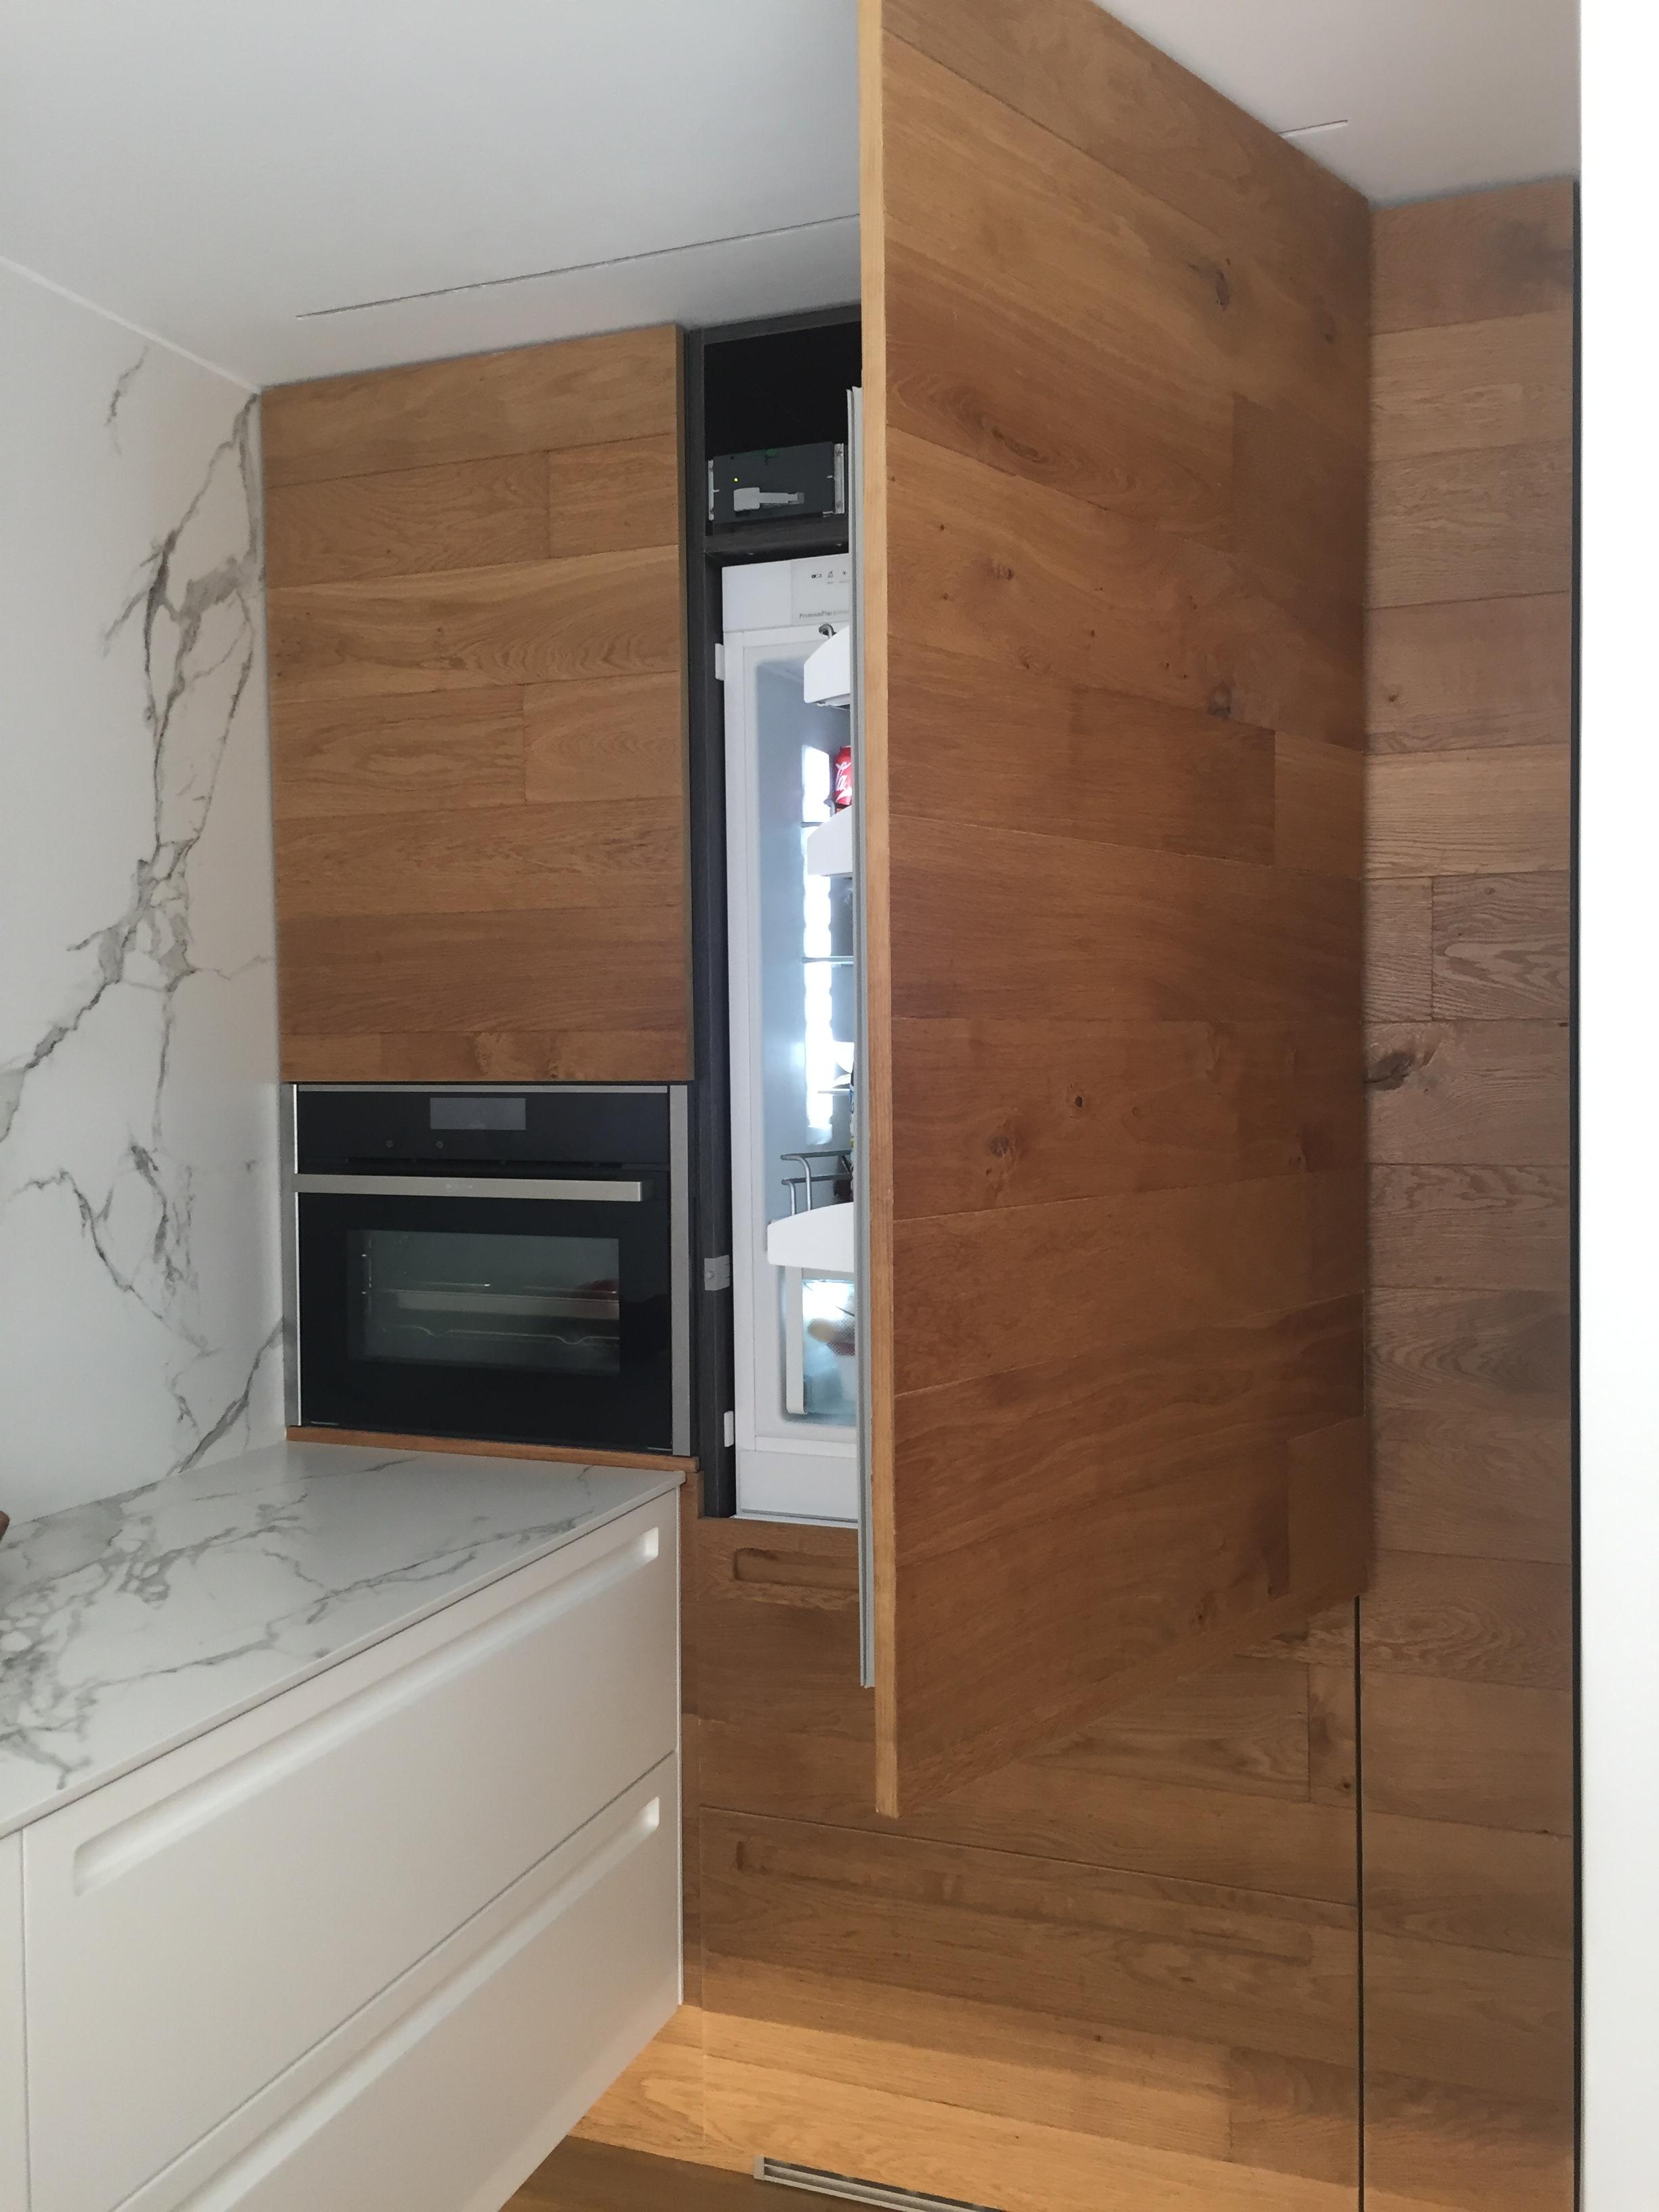 reforma cocina Blanca y madera